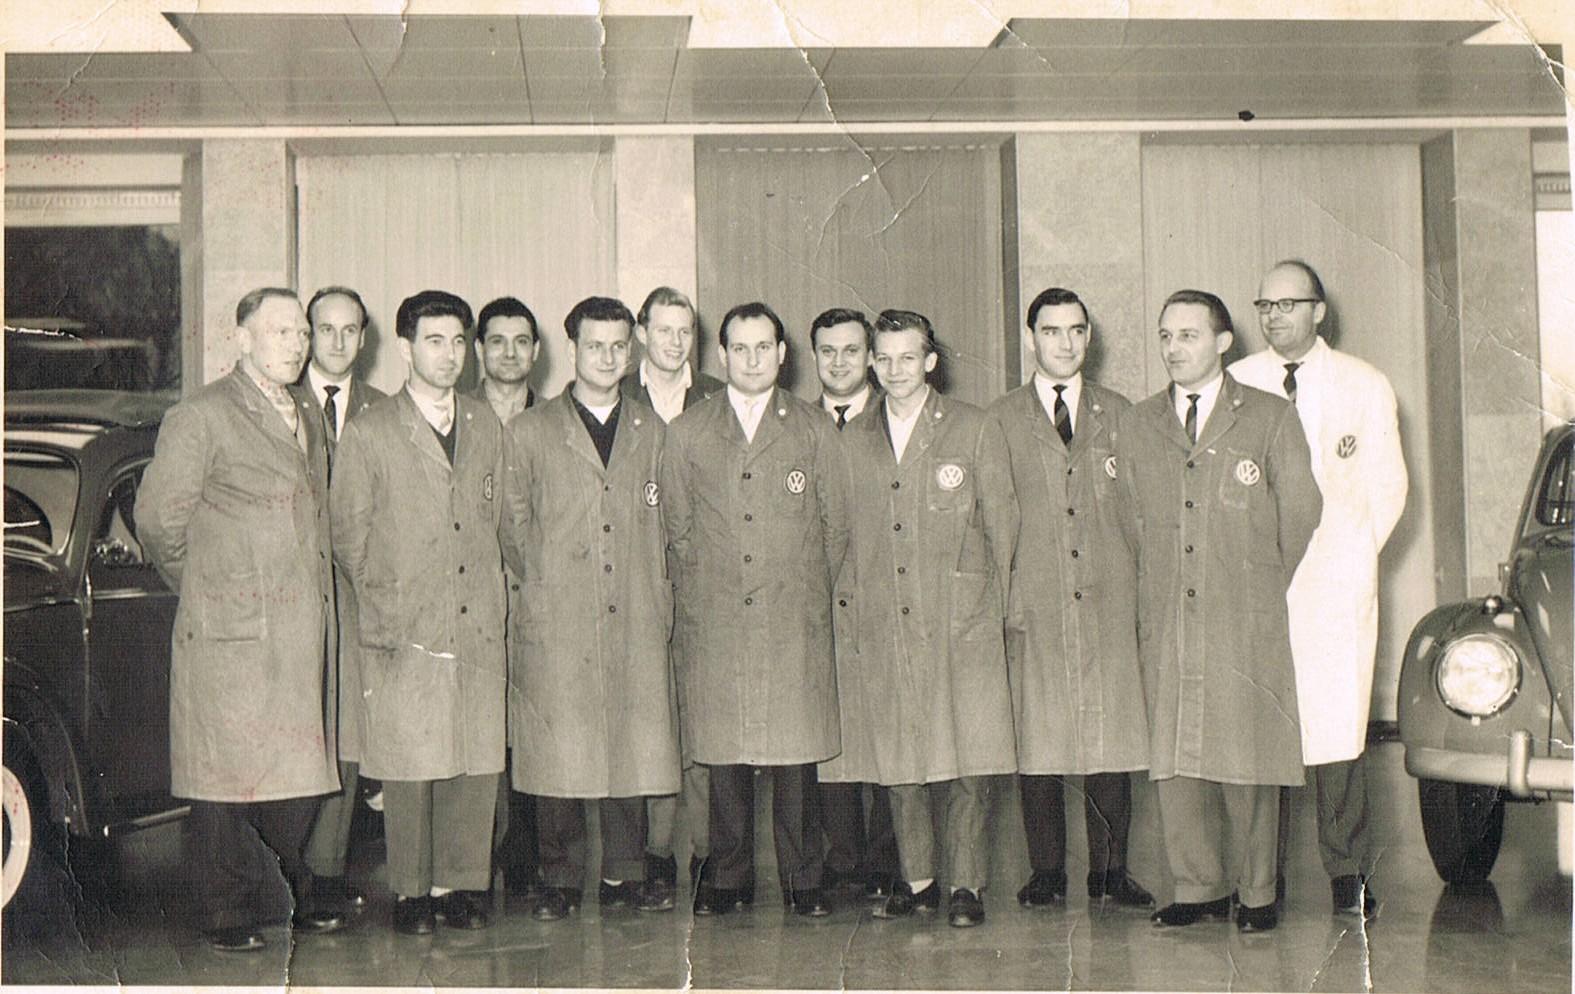 Bernhards jüngster Sohn Ernst Duvenbeck, hier in der Mitte bei einer VW-Schulung, übernimmt die Tankstelle, macht 1960 seinen Kfz-Meister und schließt noch im selben Jahr den Vertrag mit VW.